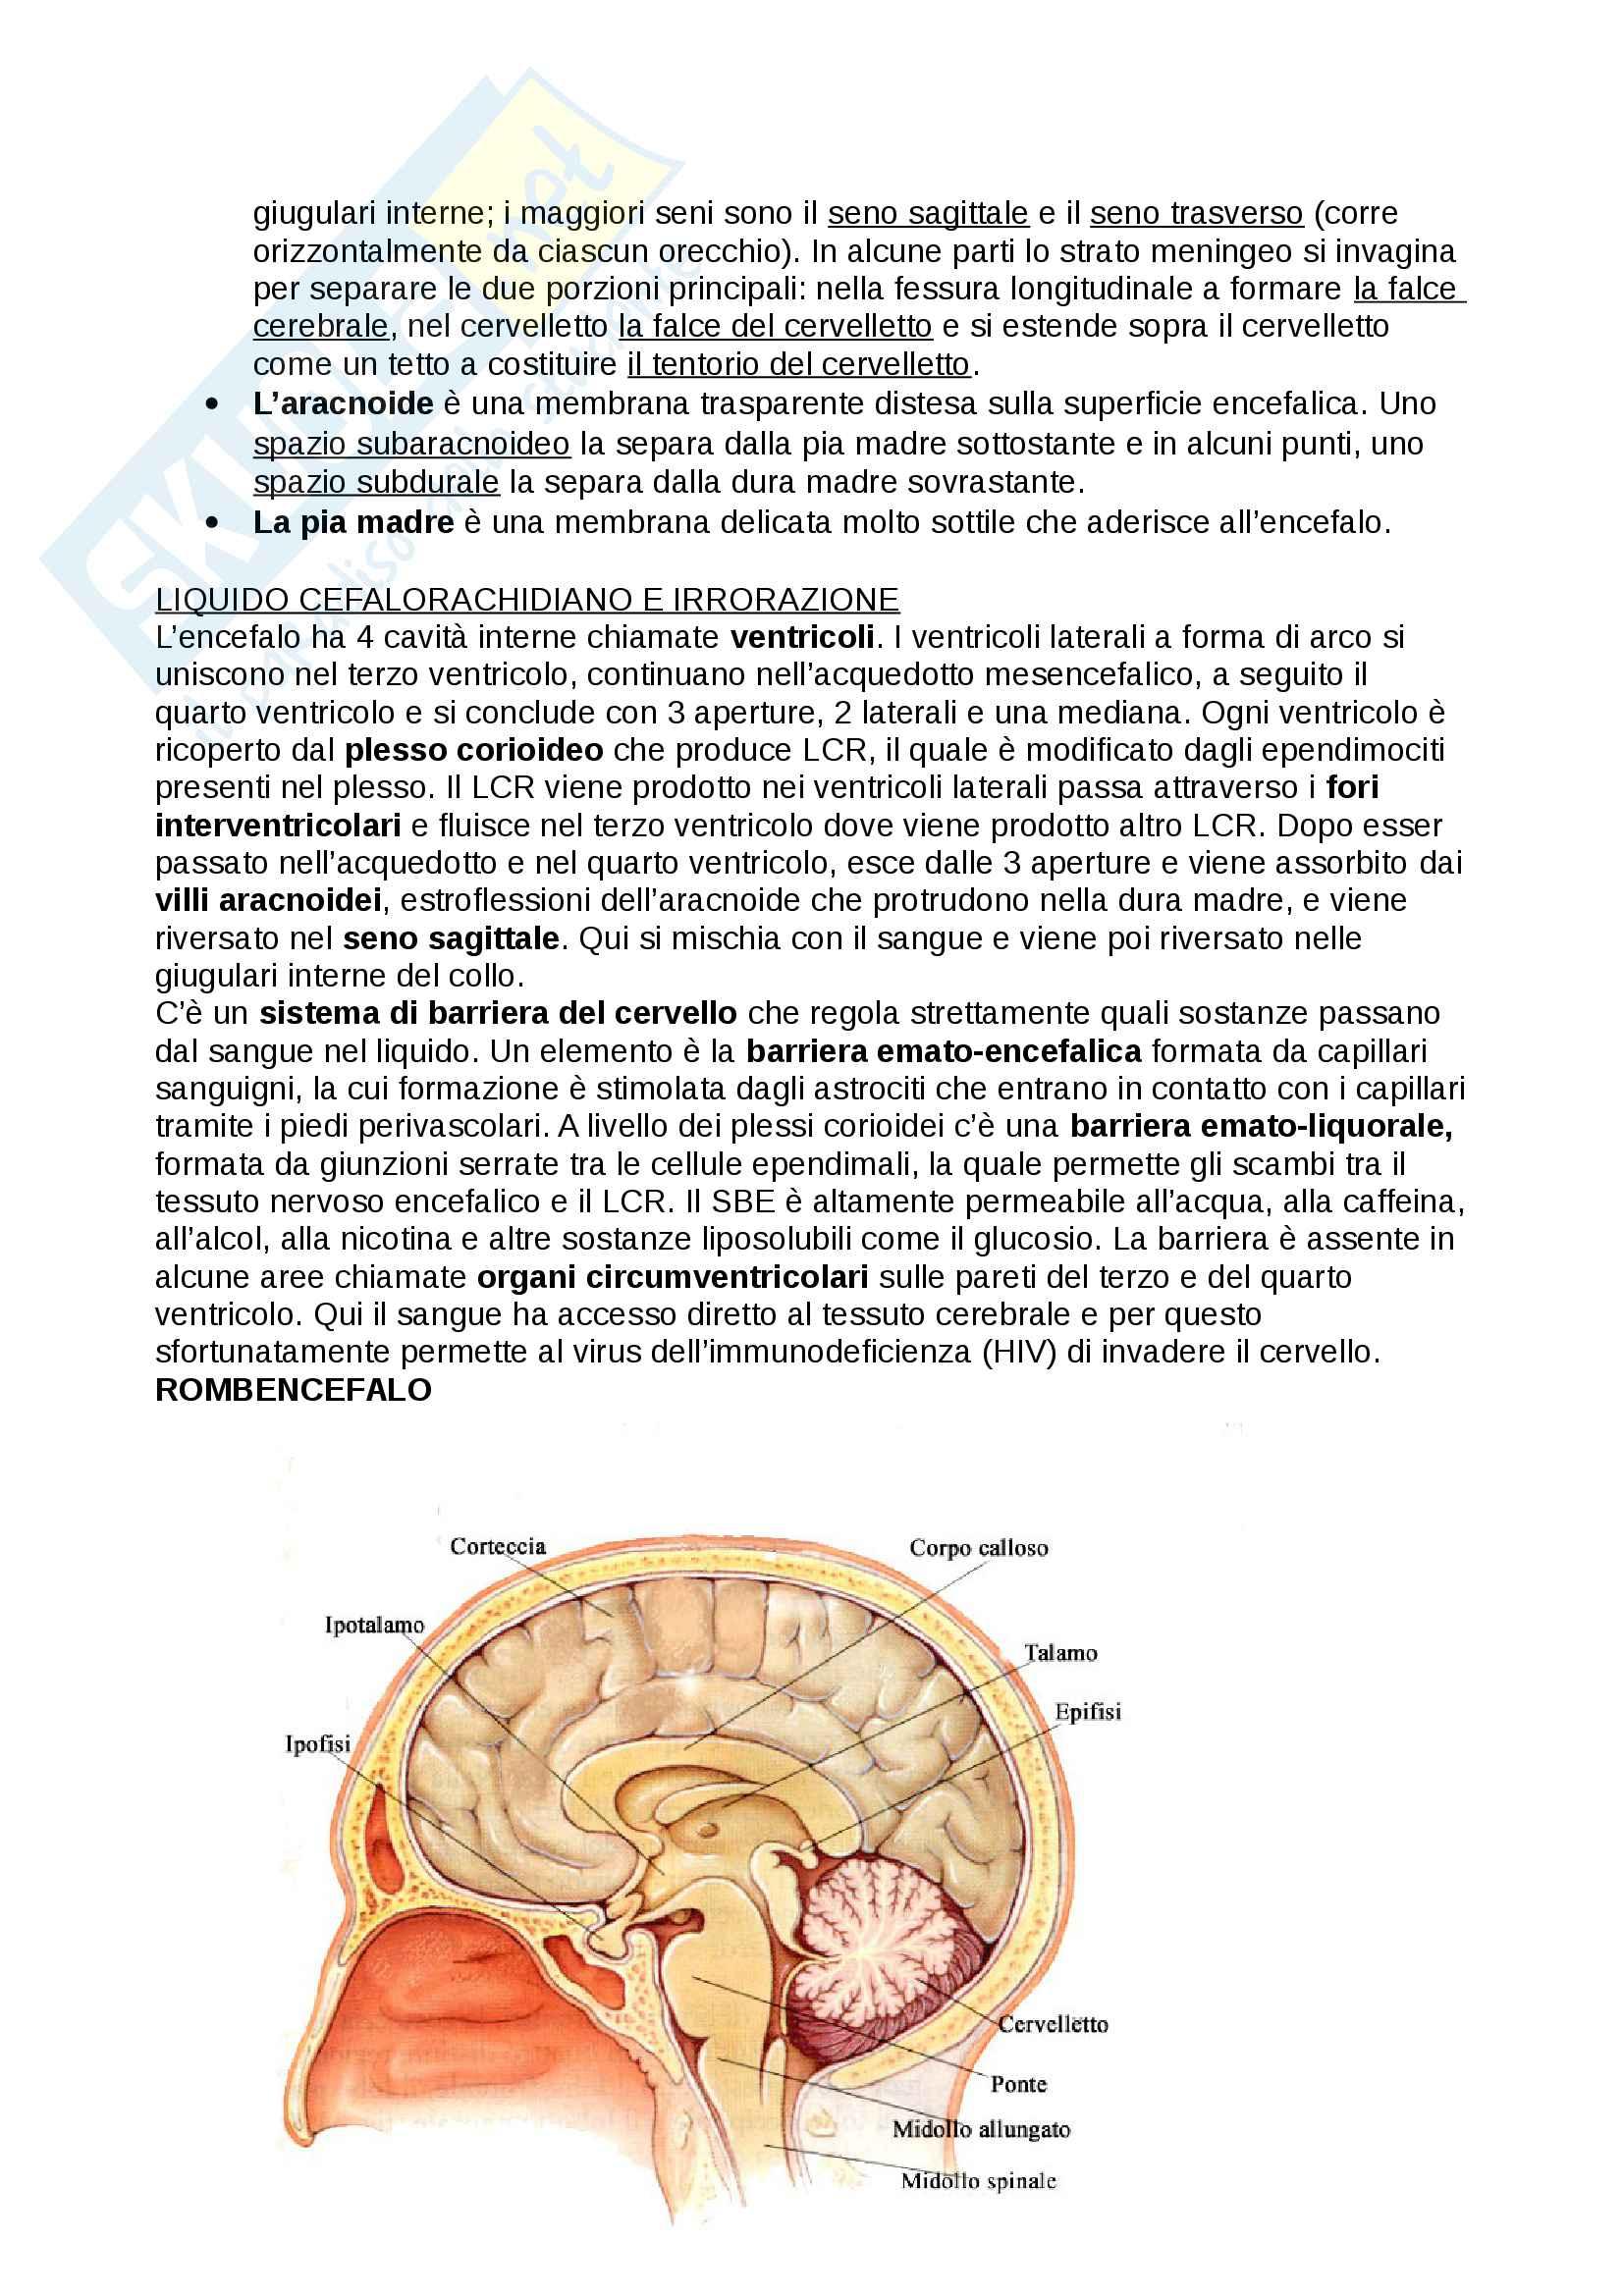 Anatomia dell'encefalo e le sue principali funzioni integrative Pag. 2